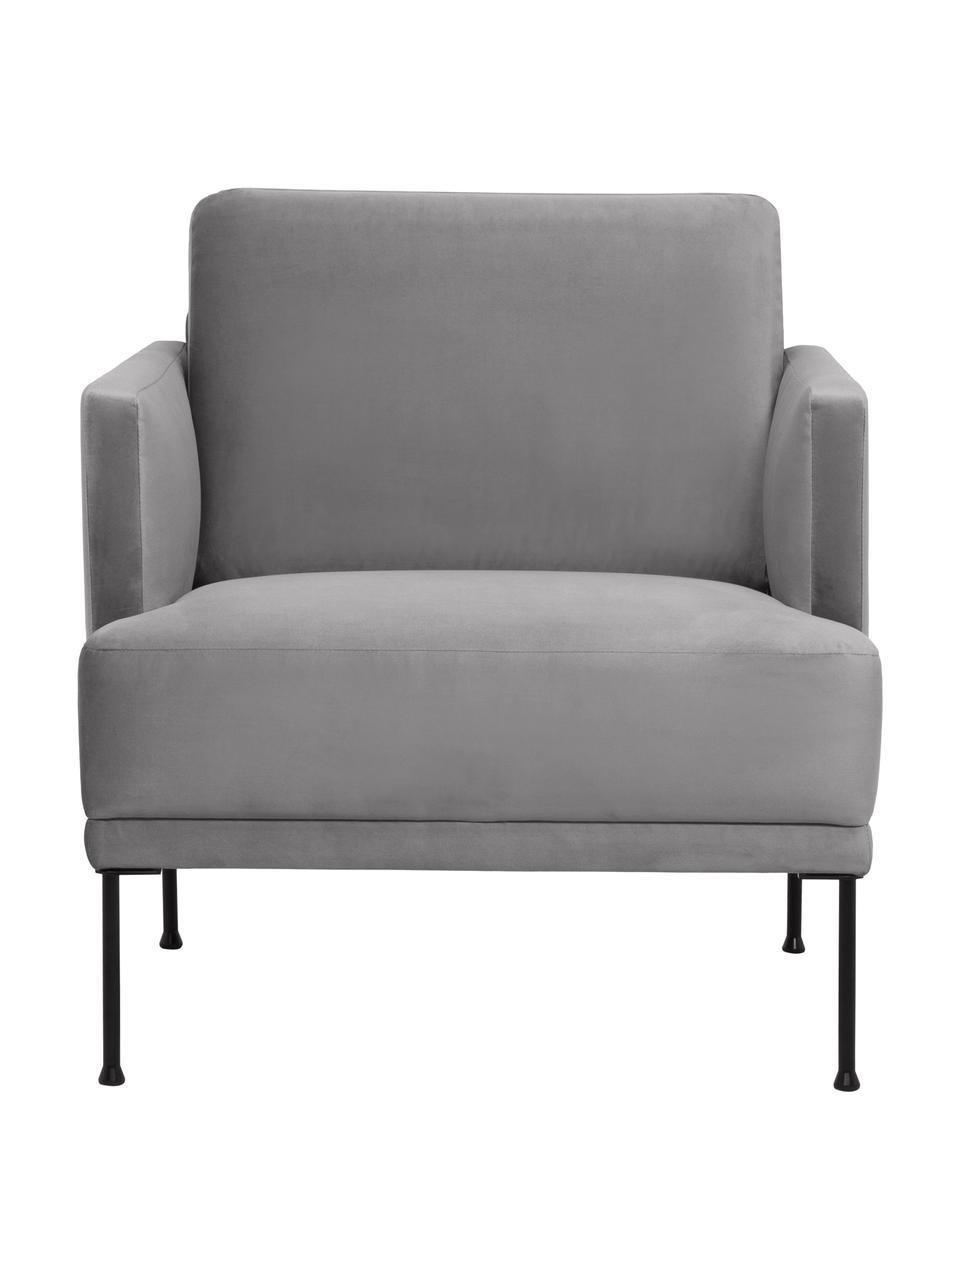 Samt-Sessel Fluente in Hellgrau mit Metall-Füßen, Bezug: Samt (Hochwertiger Polyes, Gestell: Massives Kiefernholz, Füße: Metall, pulverbeschichtet, Samt Hellgrau, B 74 x T 85 cm